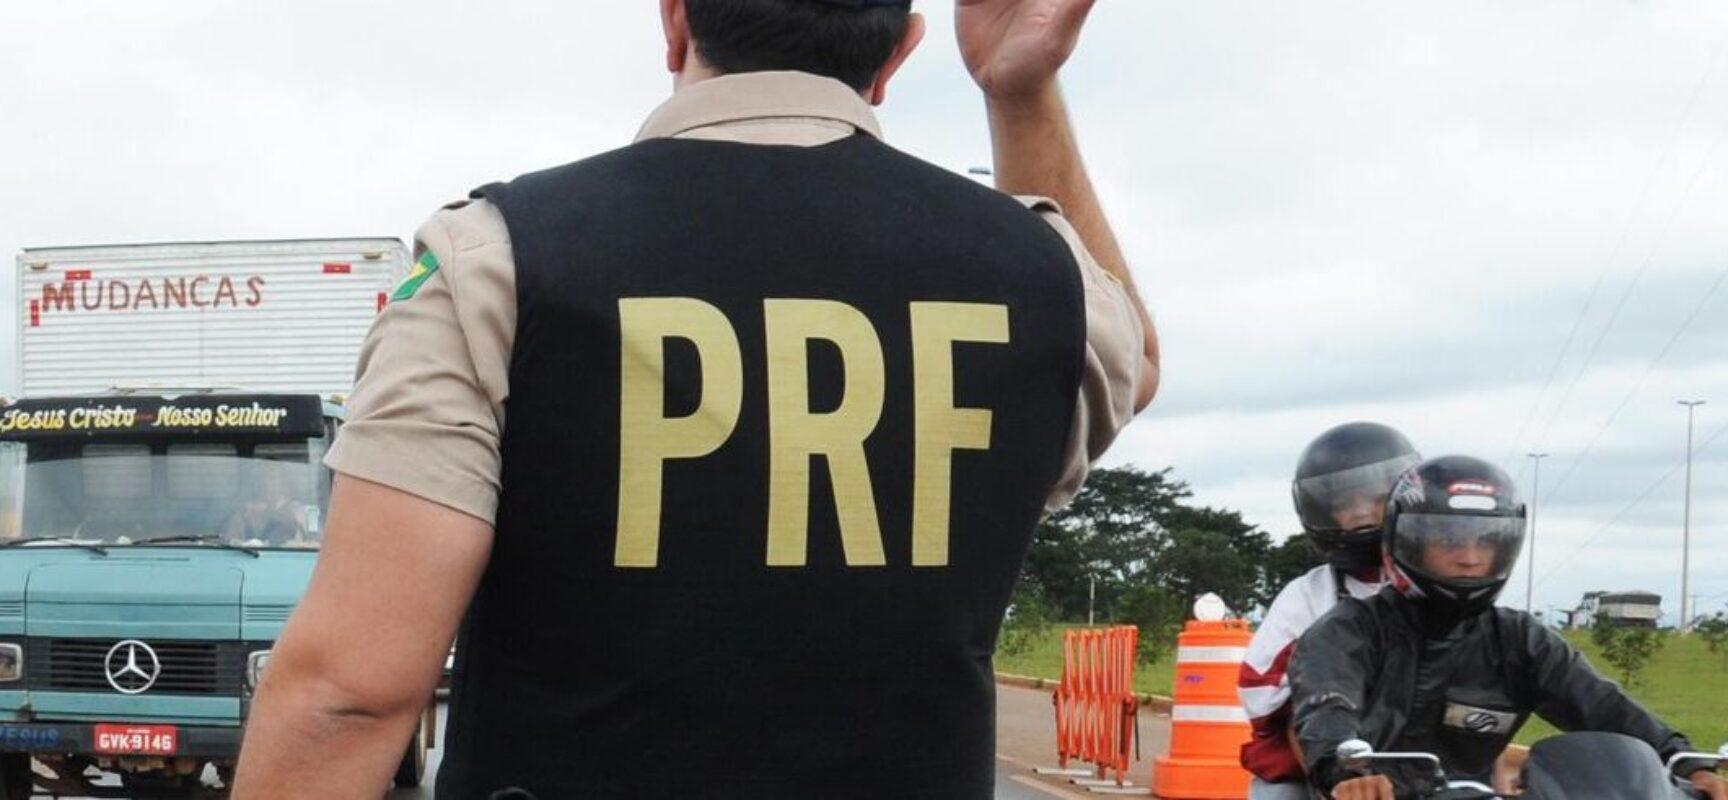 PRF reforça fiscalização em rodovias federais durante o feriadão